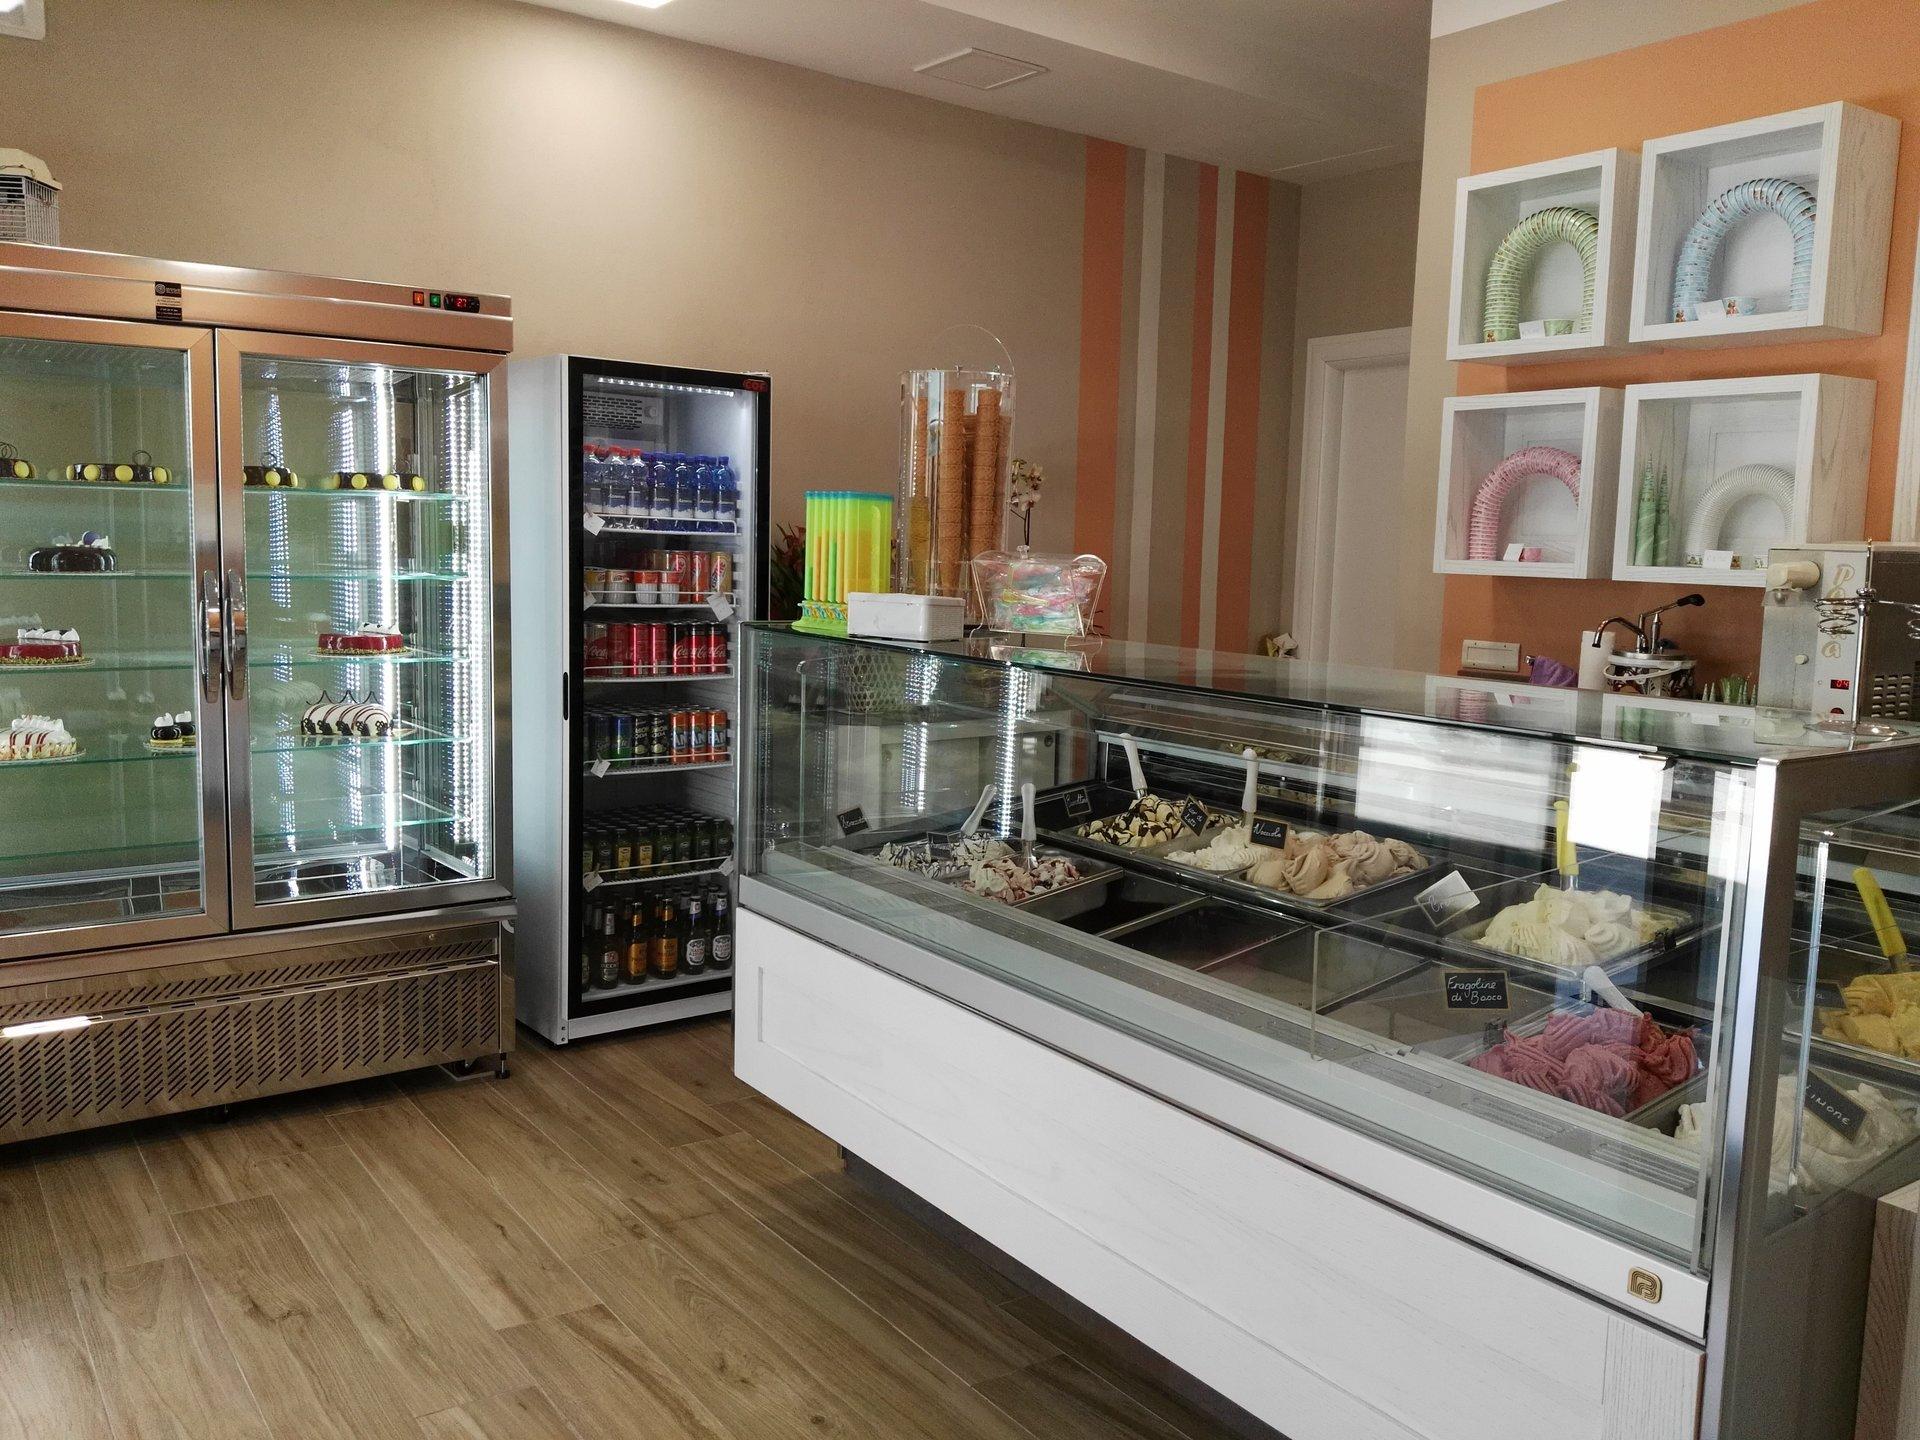 Vista laterale interno gelateria con banco frigo per gelati e frigoriferi verticali